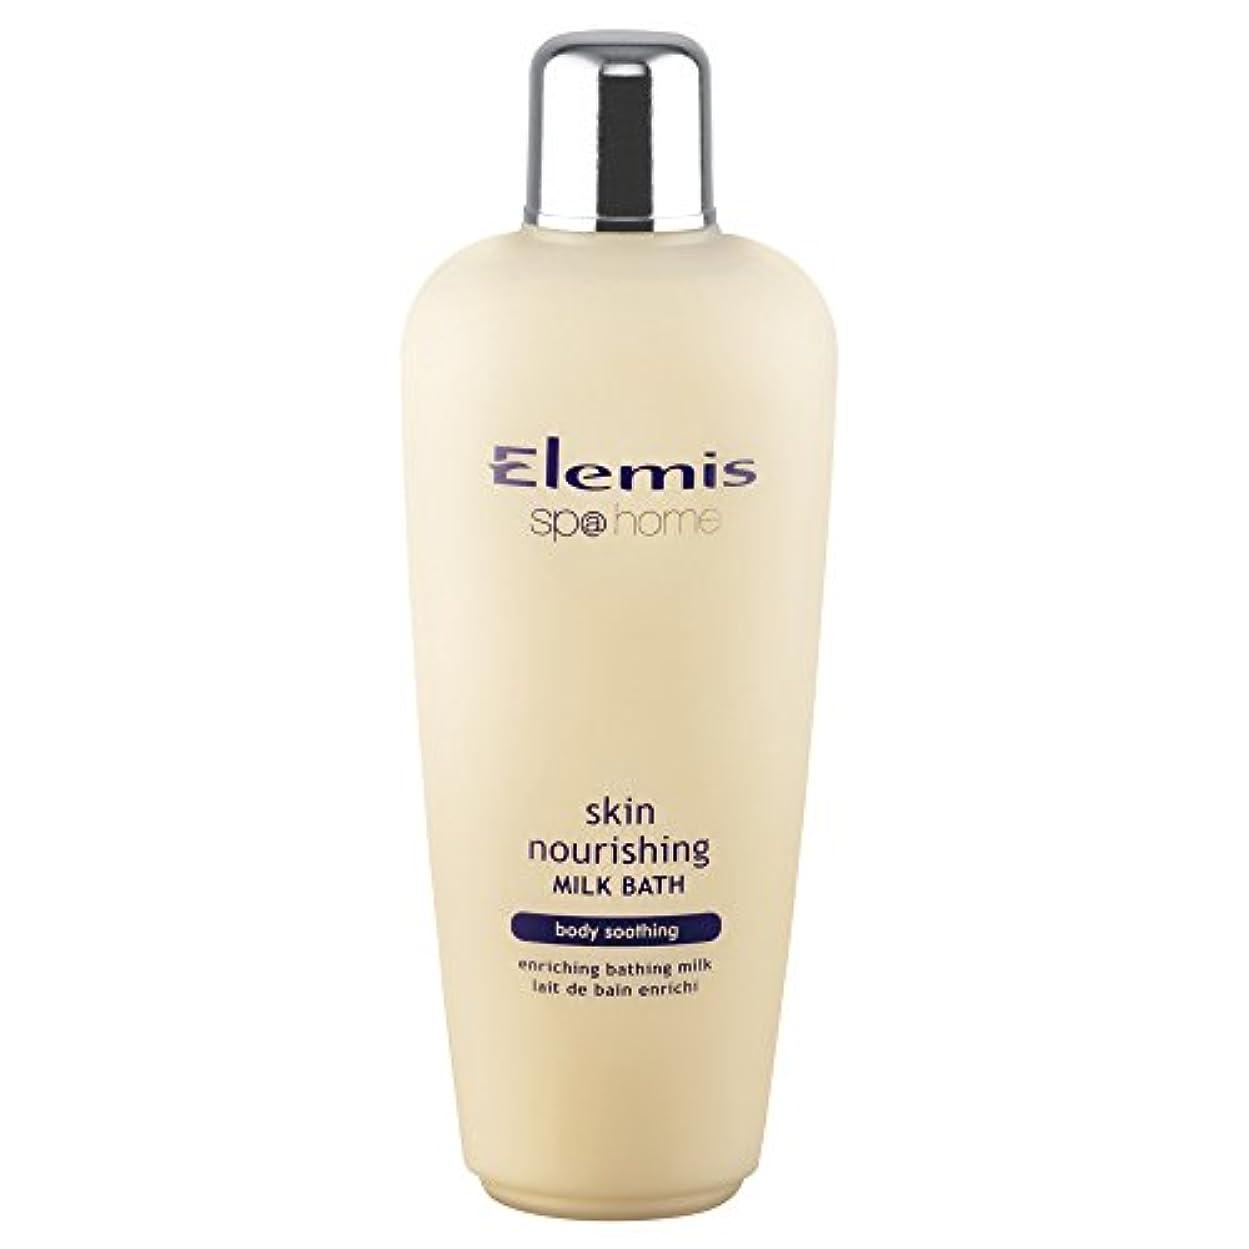 トーストビタミンリーンエレミススキン栄養ミルクバスの400ミリリットル (Elemis) (x2) - Elemis Skin Nourishing Milk Bath 400ml (Pack of 2) [並行輸入品]